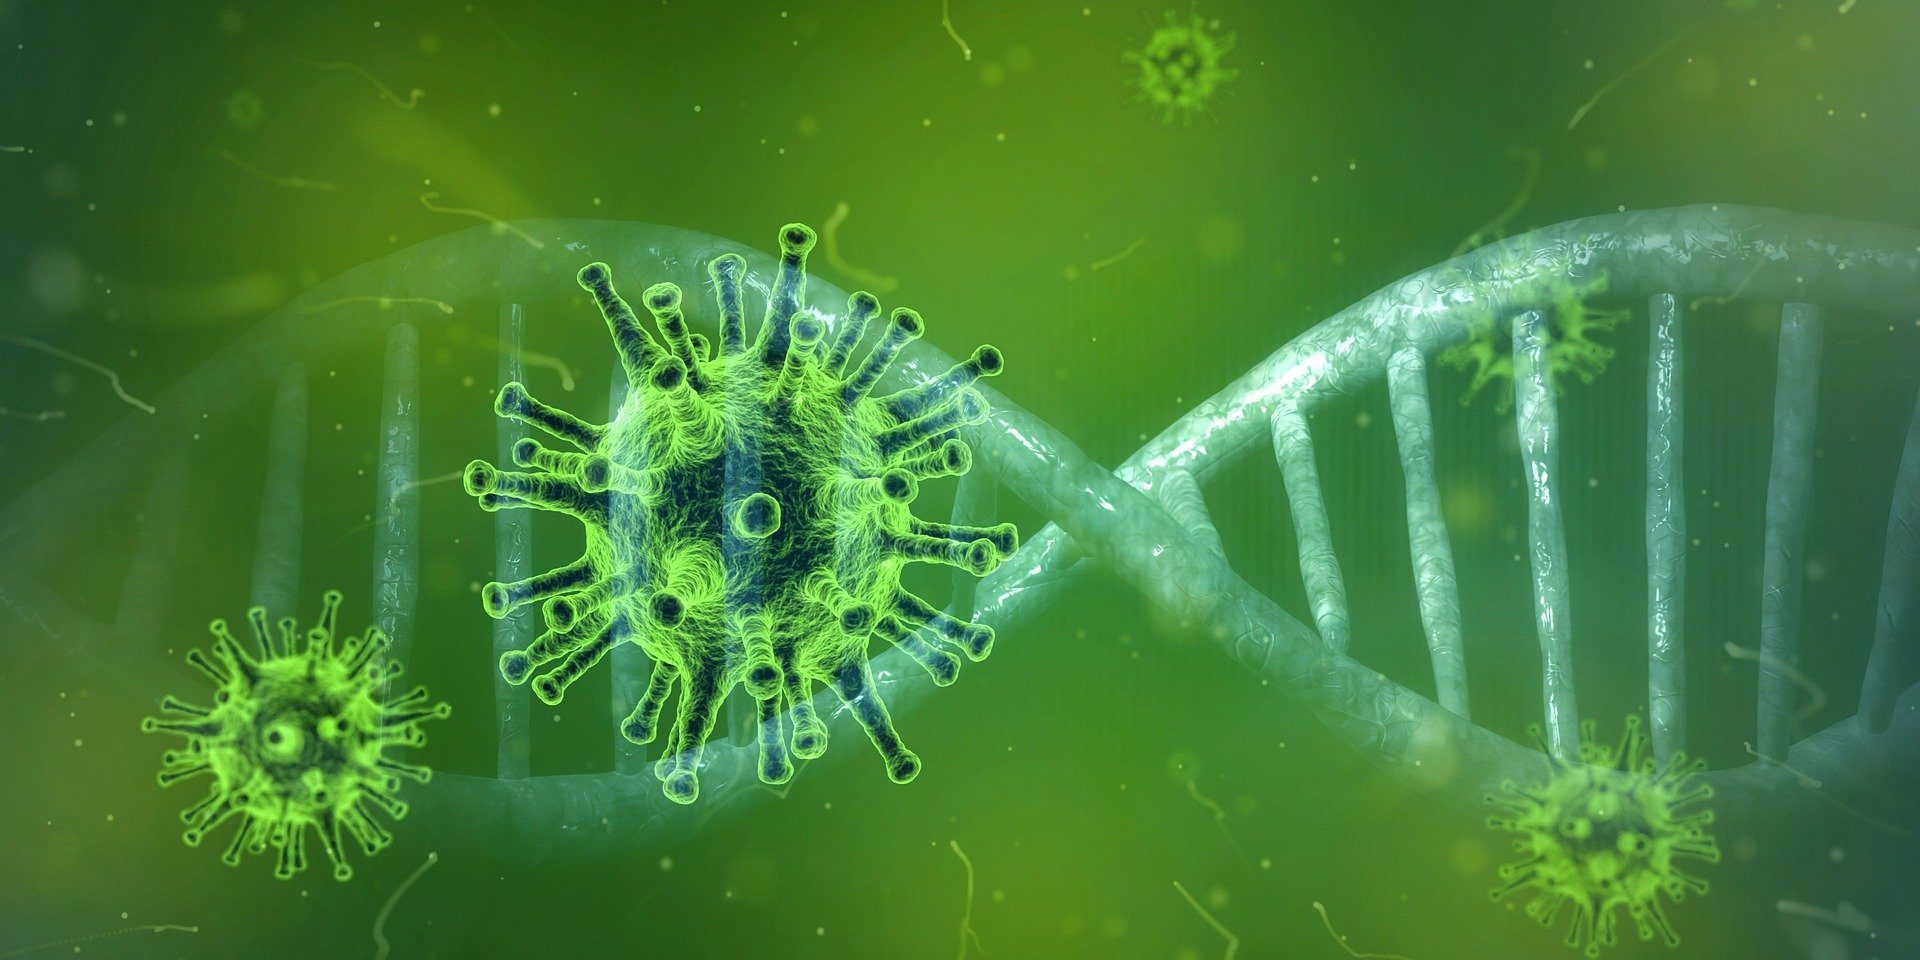 Инфекционист рассказал о странностях коронавируса: поведение COVID-19 не укладывается в классические рамки эпидемиологии